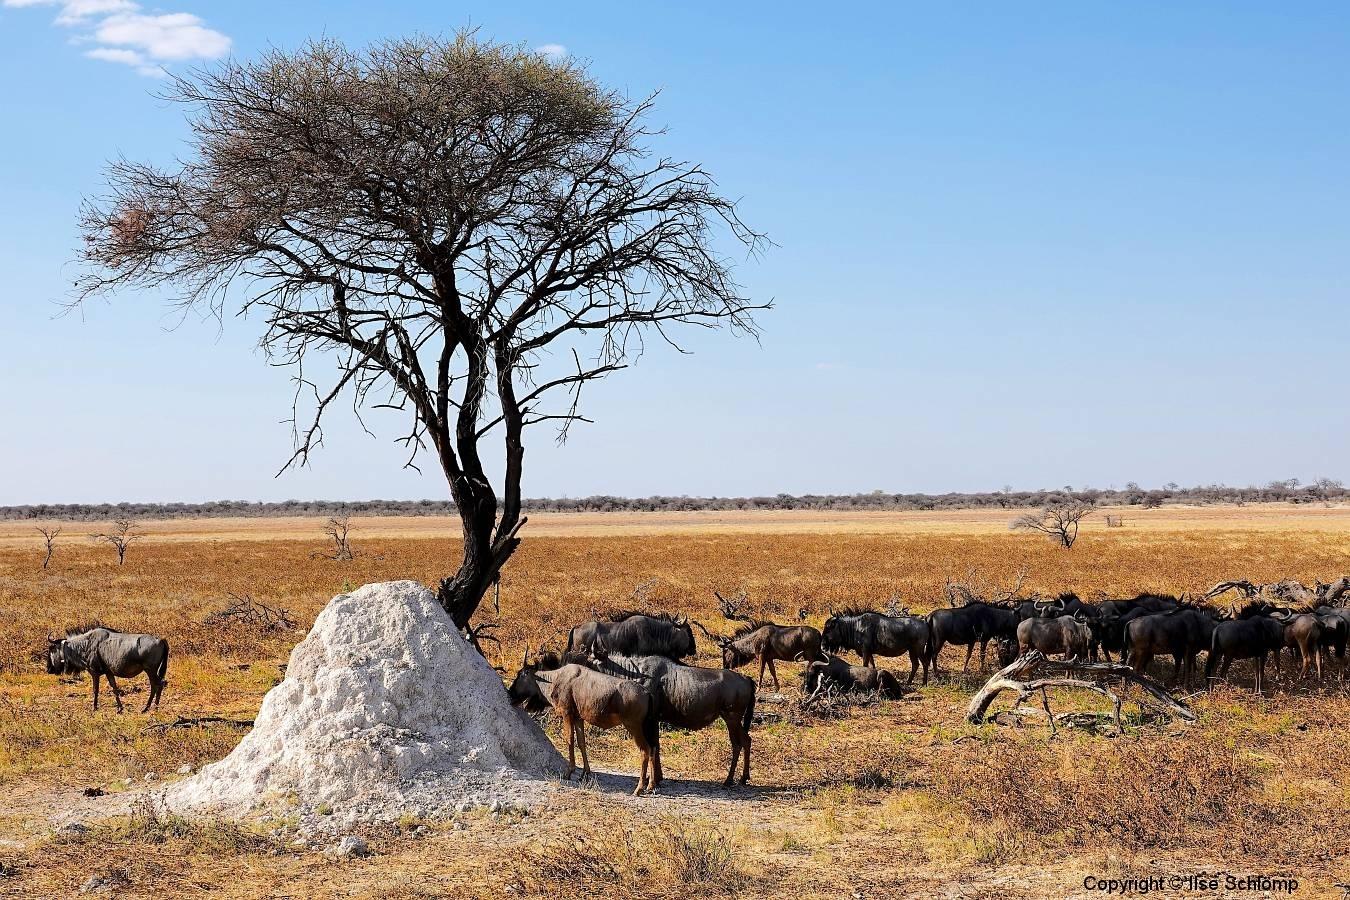 Namibia, Etosha Nationalpark, Streifengnus